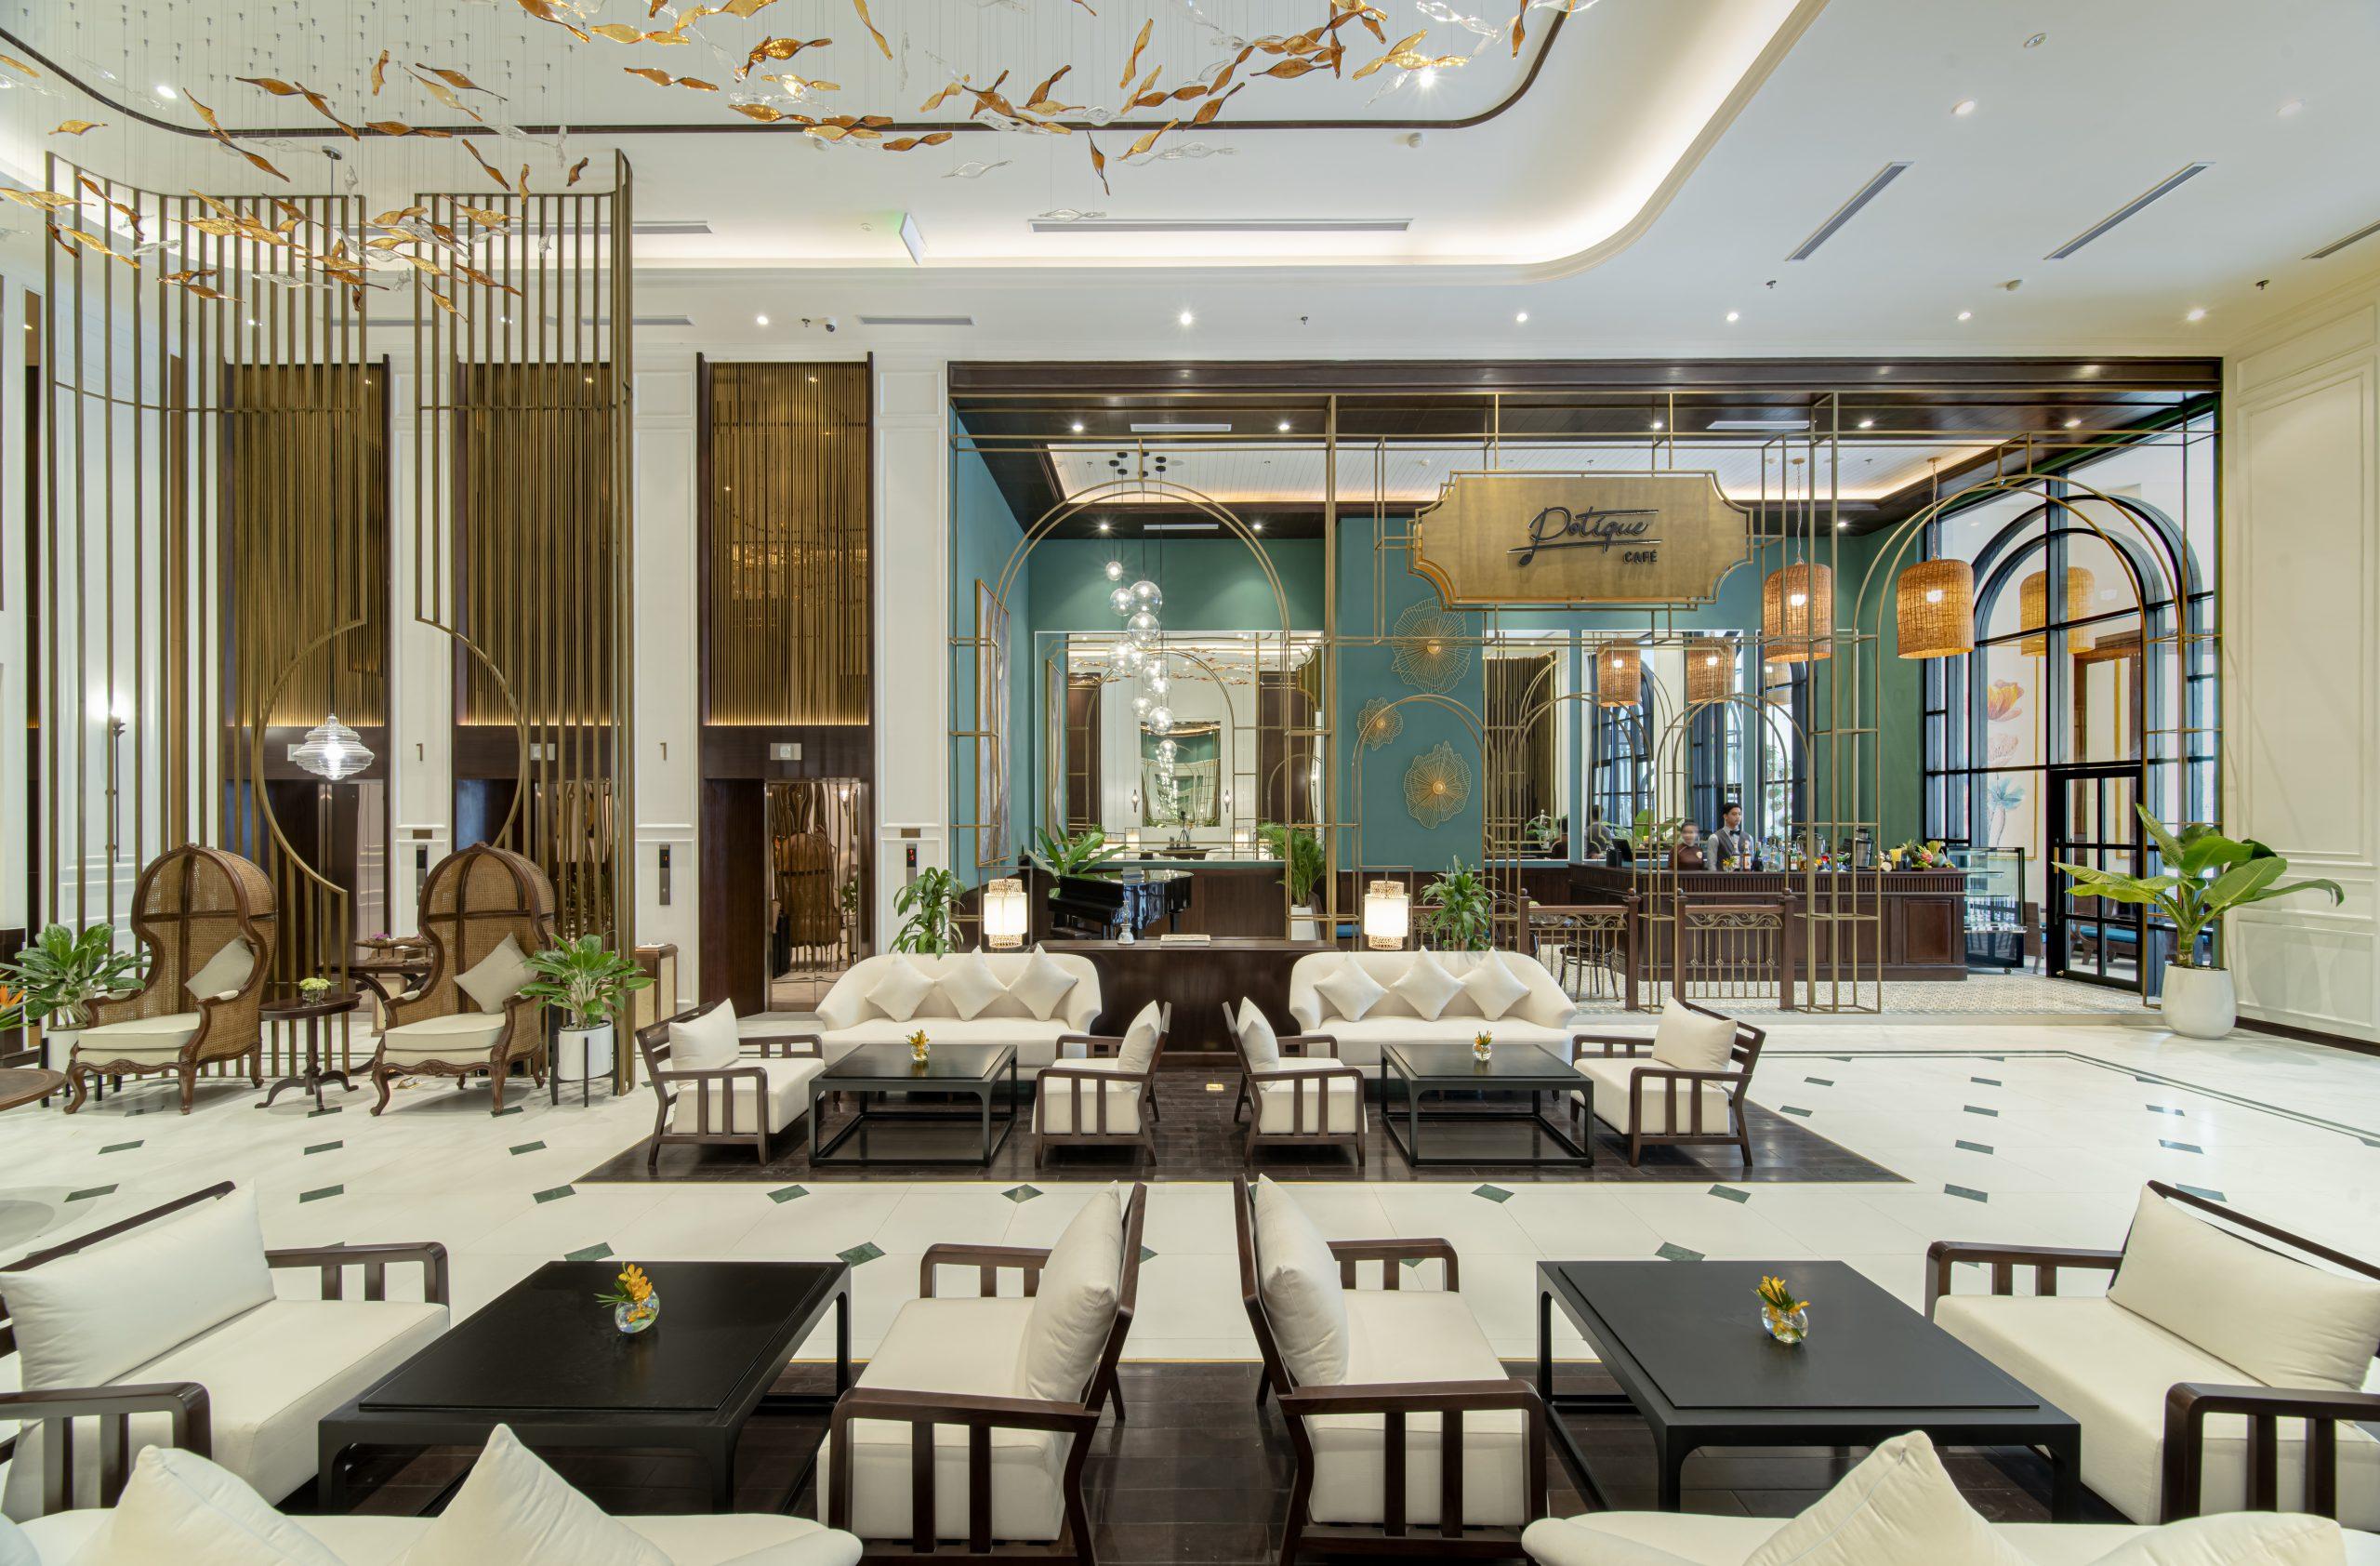 Khách sạn Potique Hotel Nha Trang